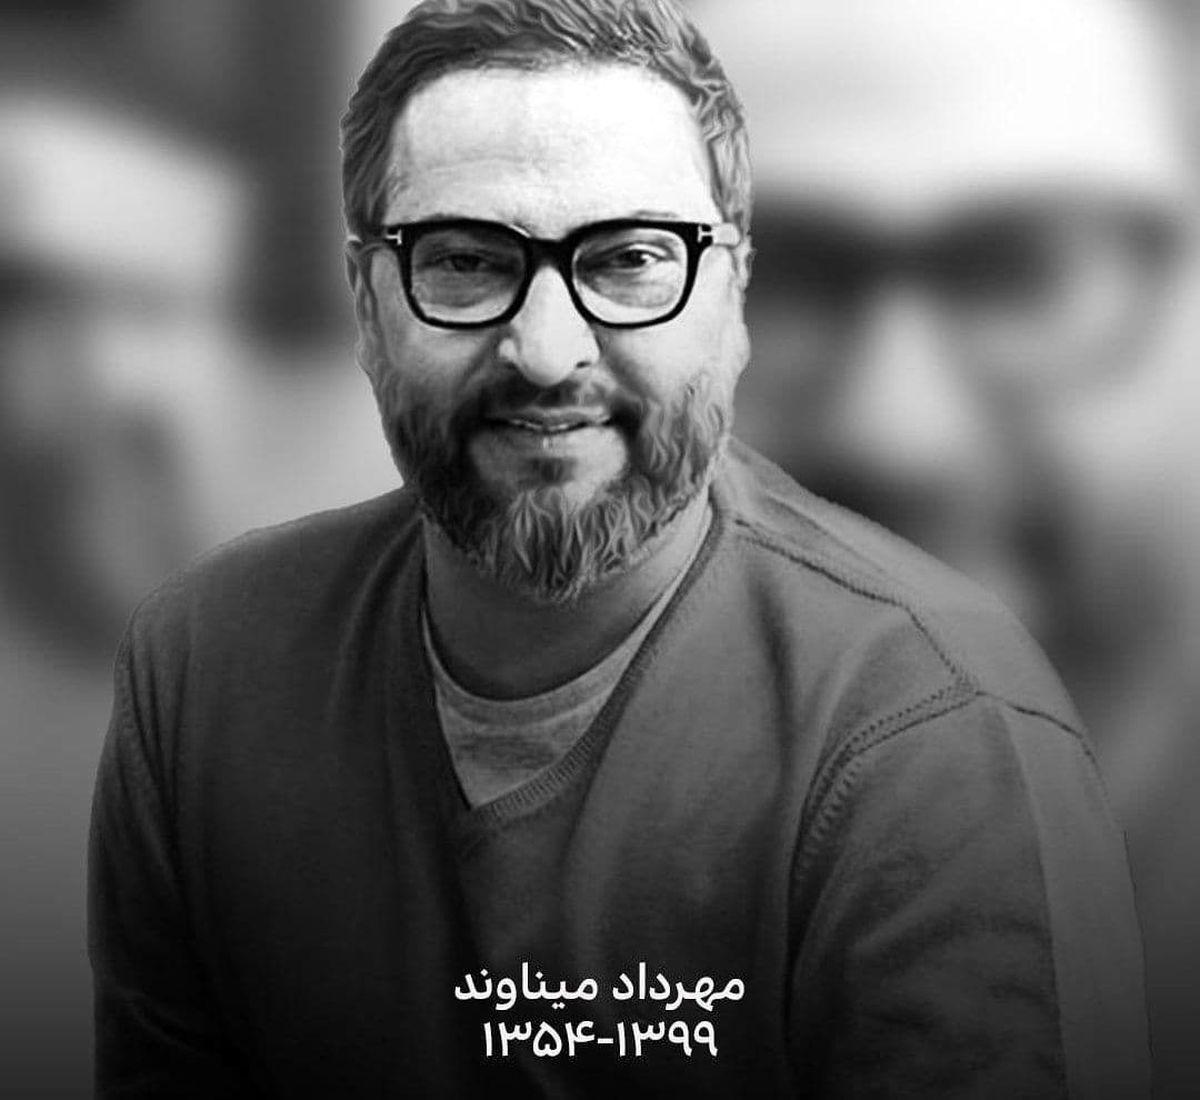 تقلید صدای جالب علی پروین توسط مهرداد میناوند + فیلم